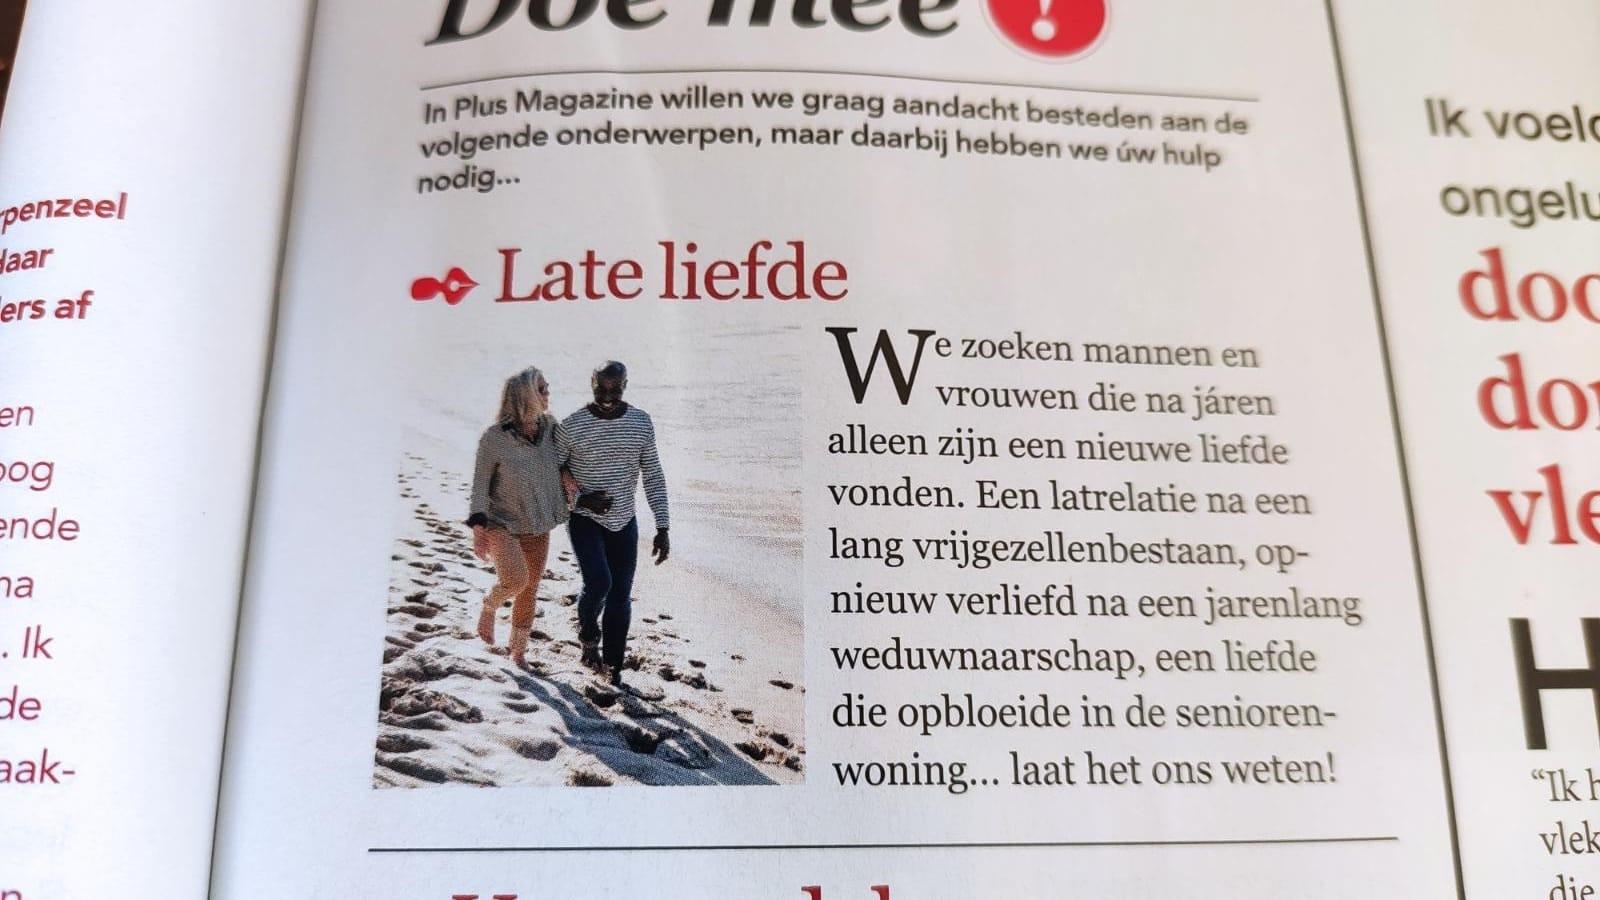 magazine Plus zoekt stellen die verliefd zijn geworden na een lange tijd van alleen zijn - datingoost - datingsite relatiebureau